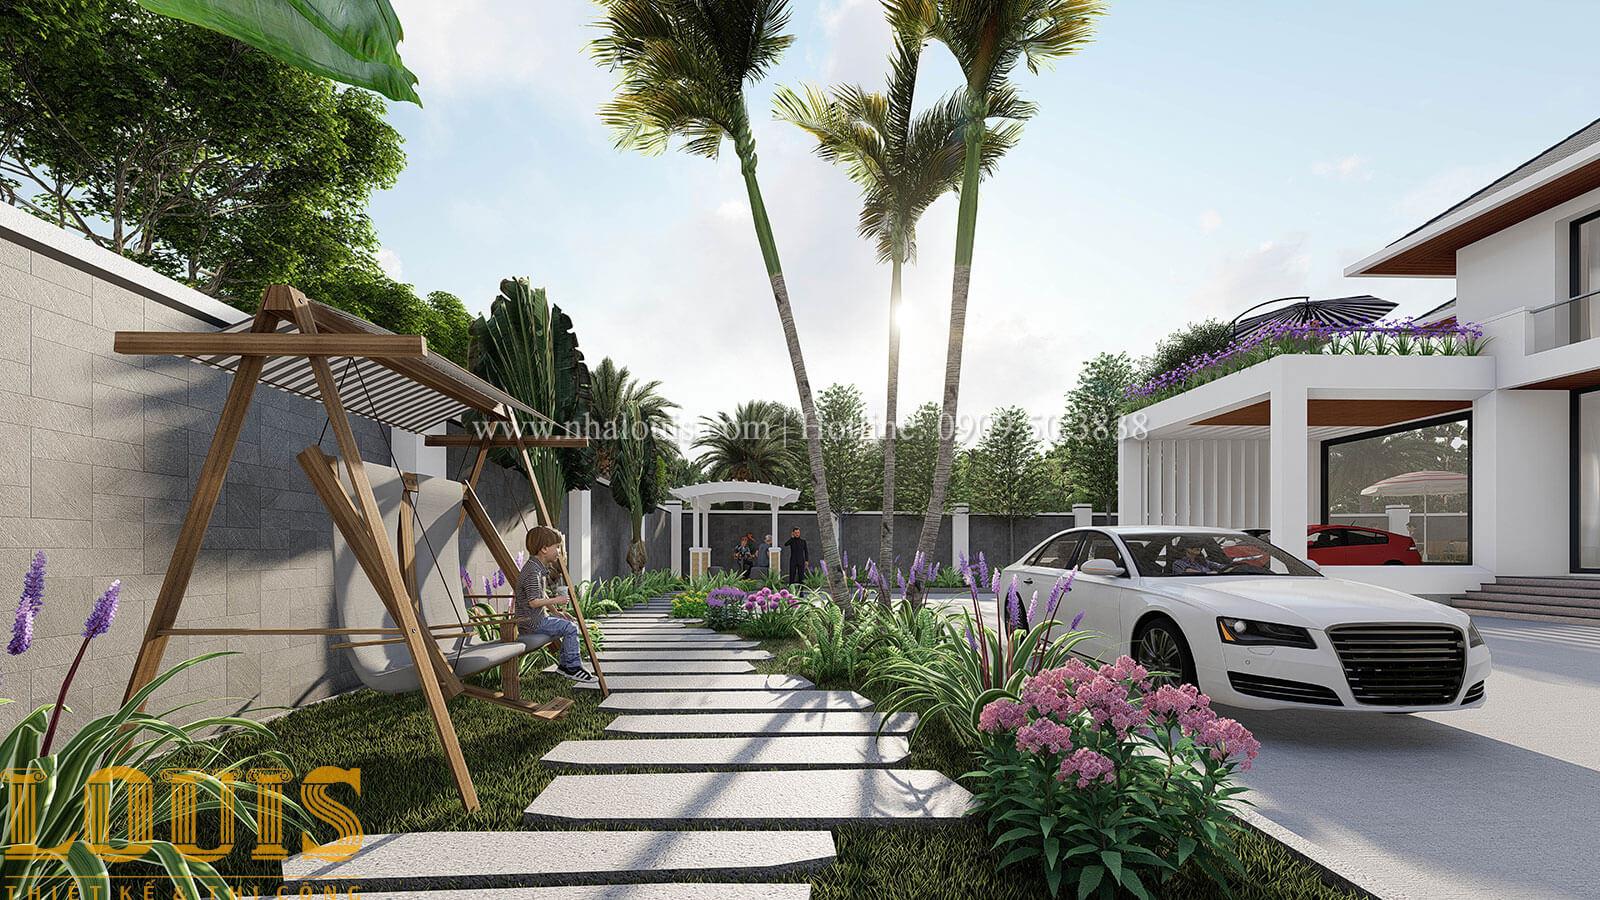 Mặt tiền & sân vườn Mẫu biệt thự 2 tầng mái thái với sân vườn đẳng cấp tại Phú Quốc - 29